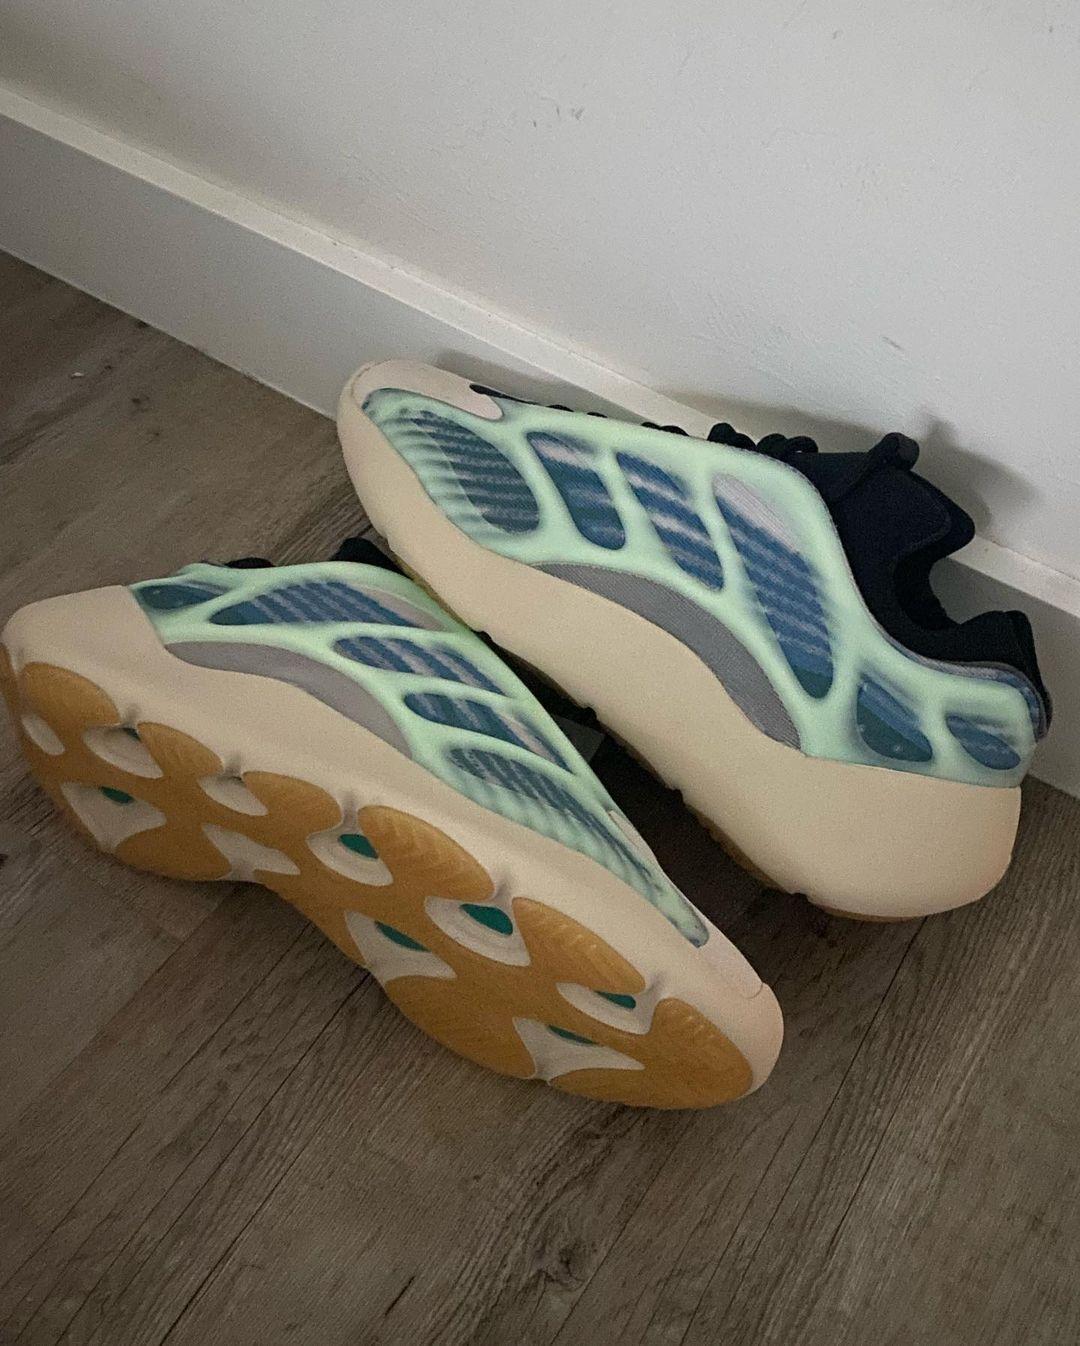 Adidas Yeezy 700 V3 bleu pâle (3)